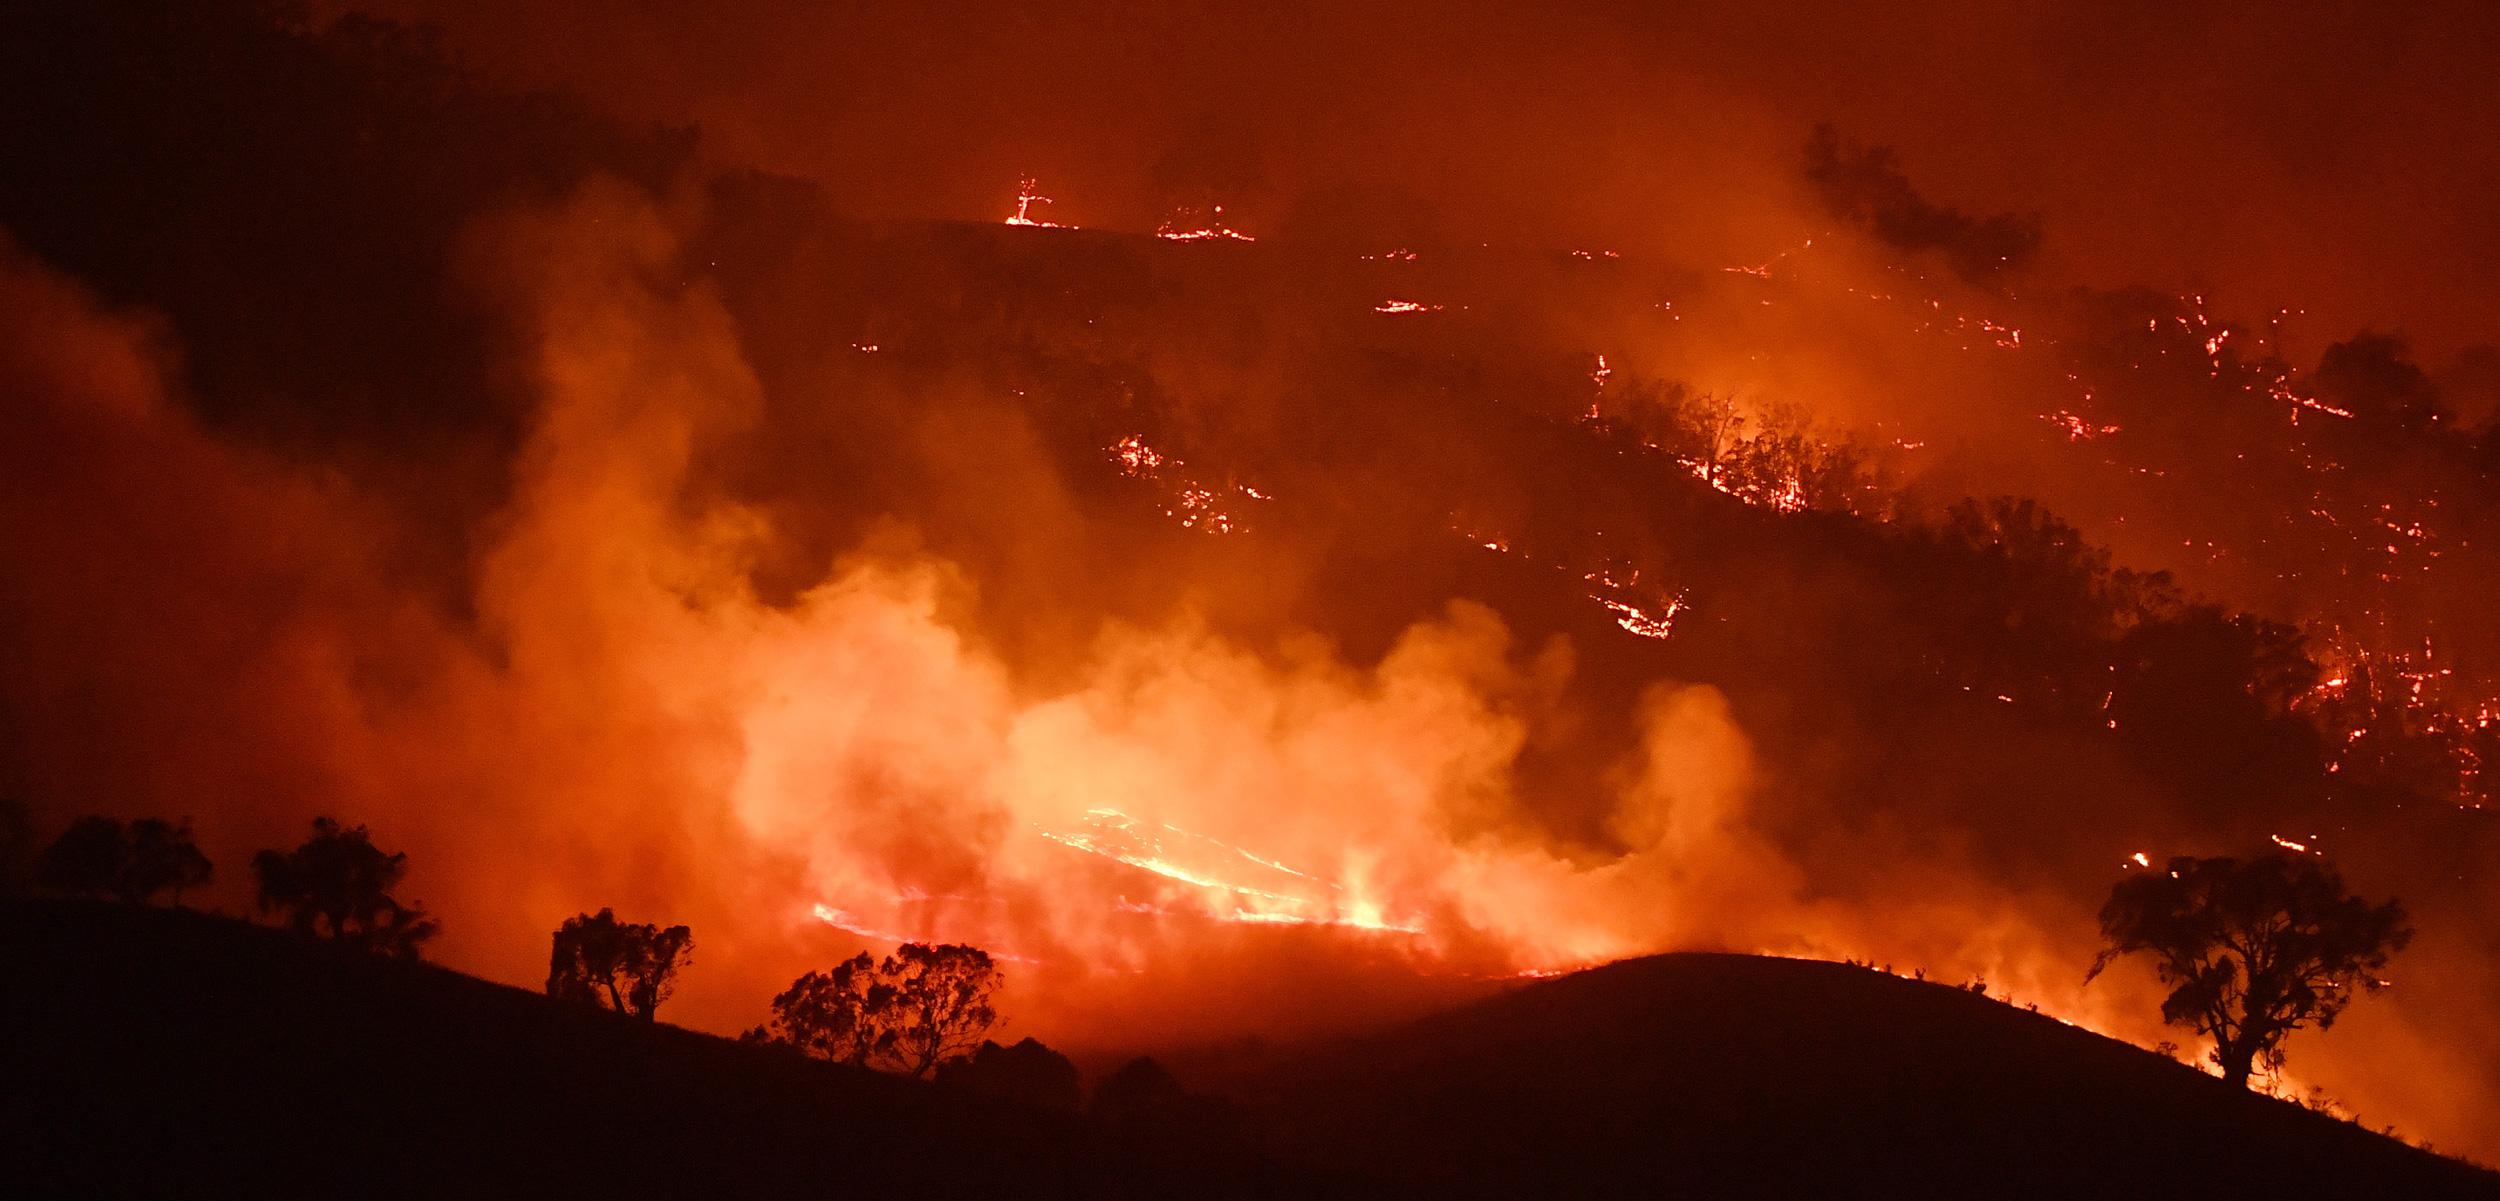 wildfire in Australia